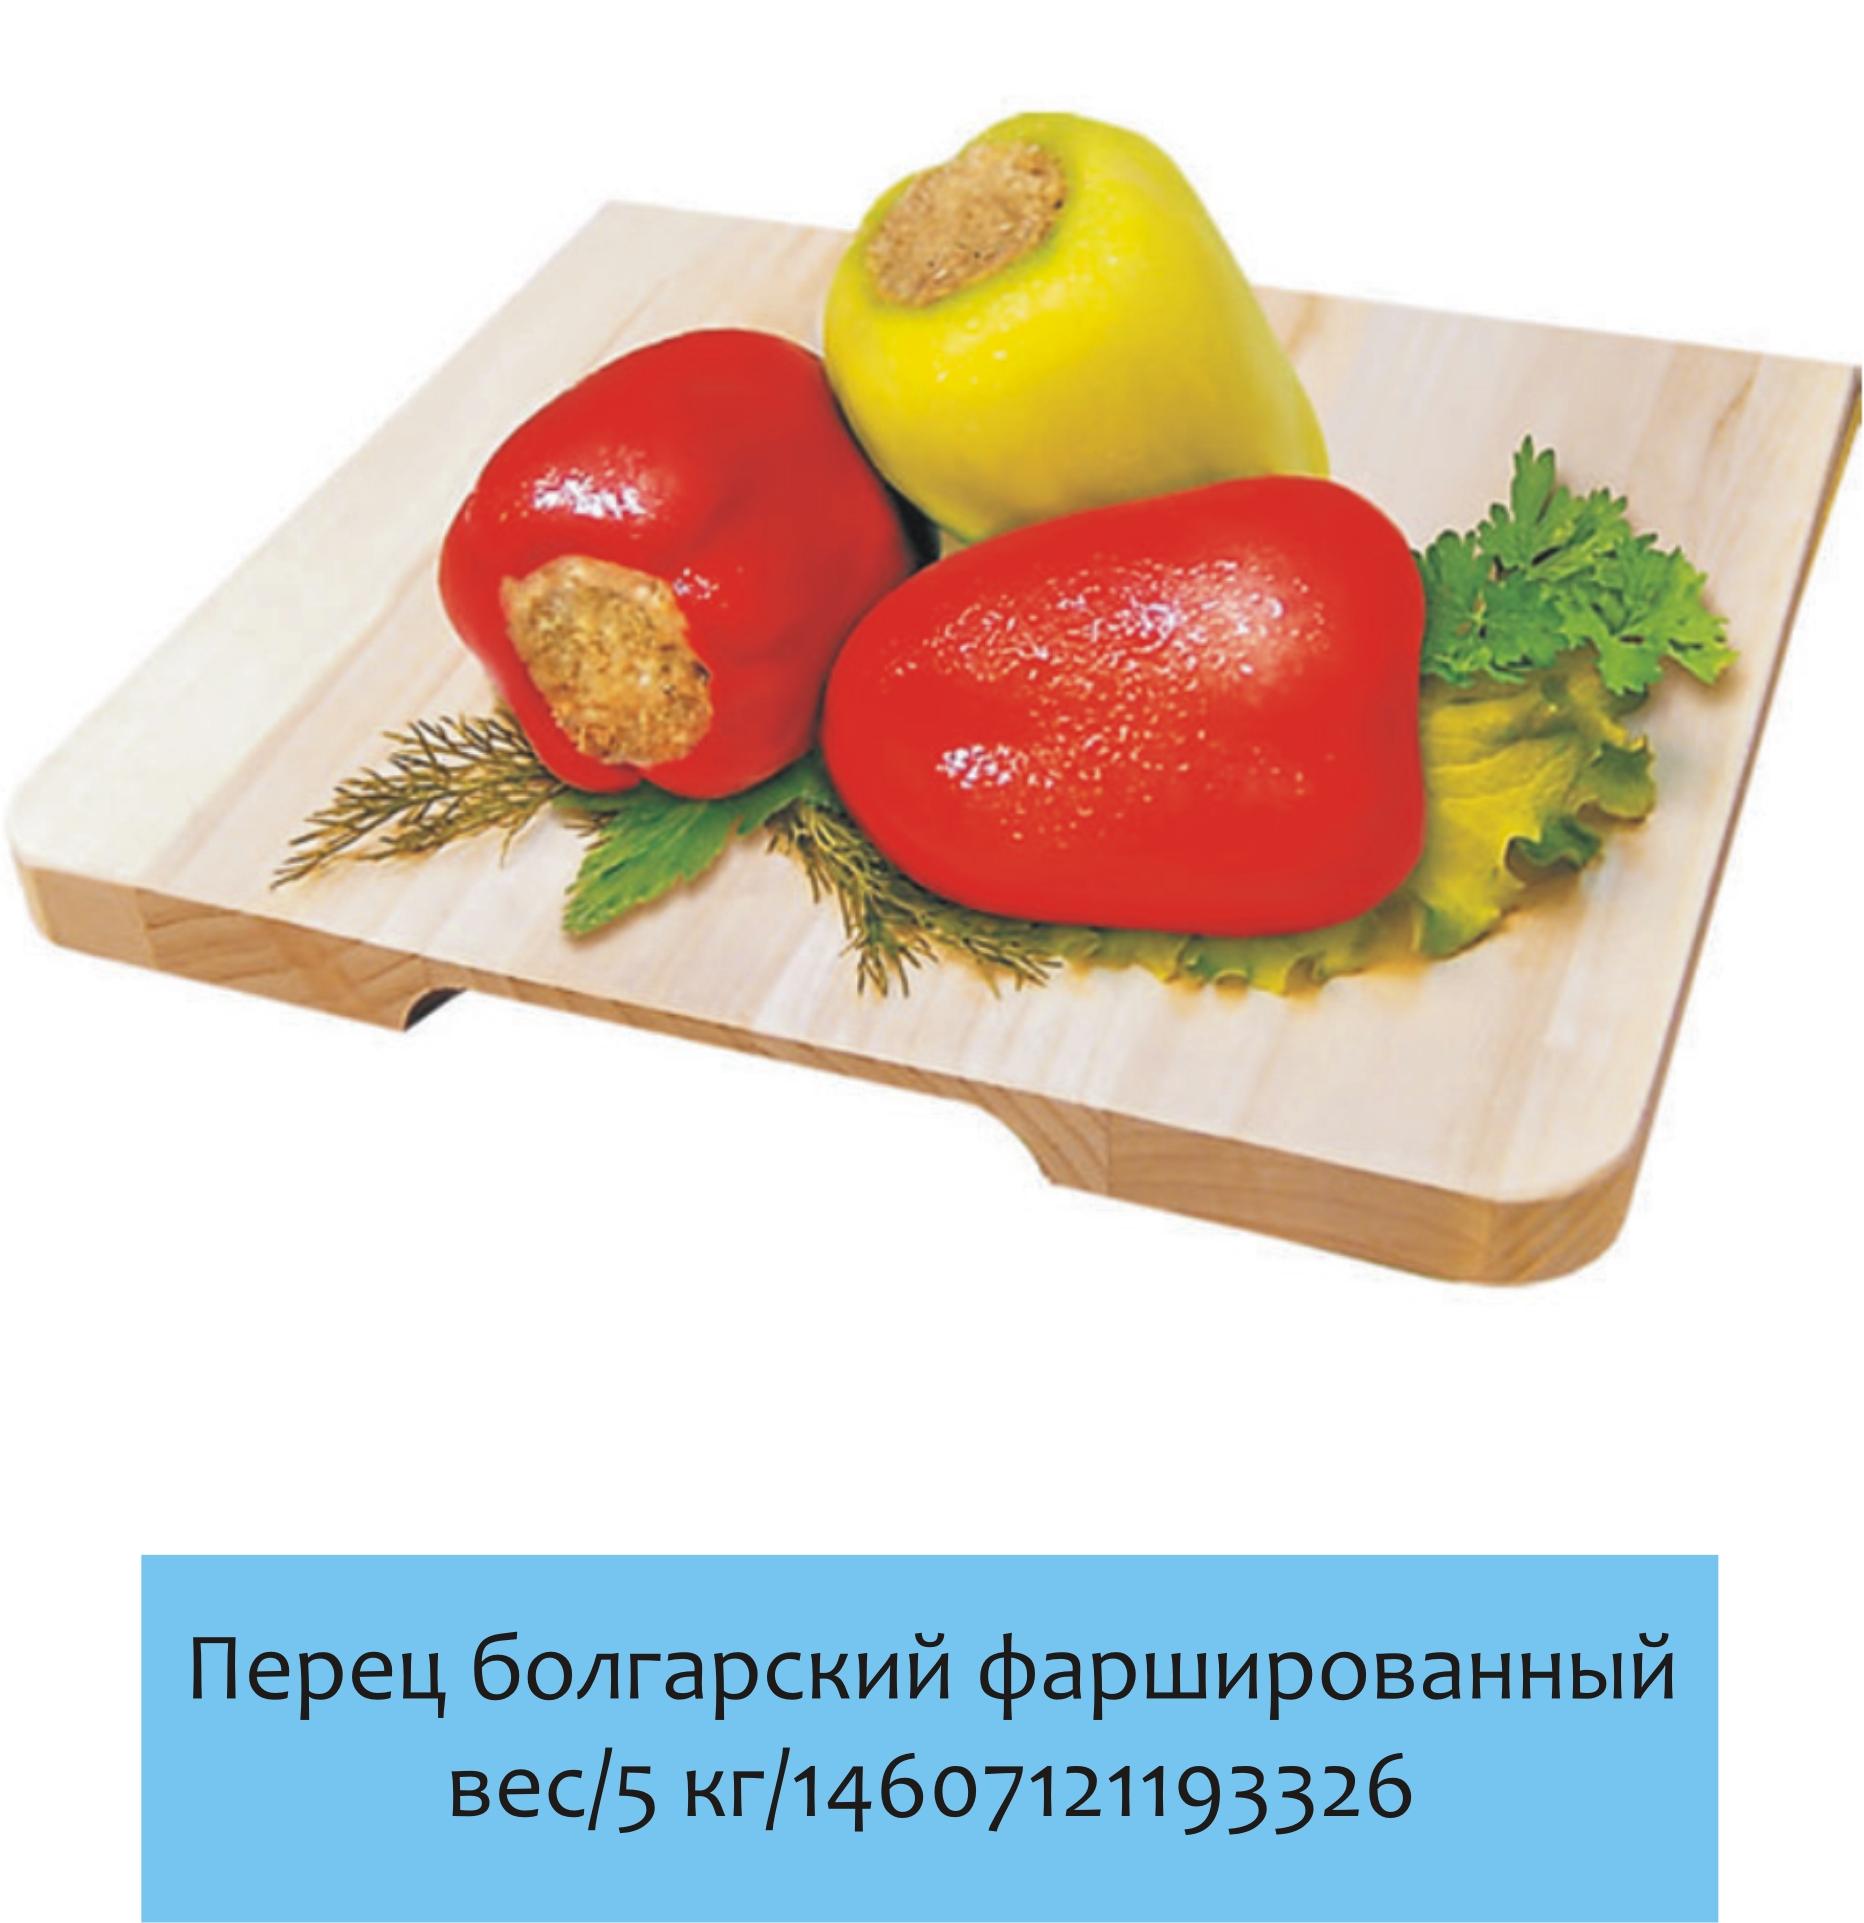 перец болгарский фаршированные весовые